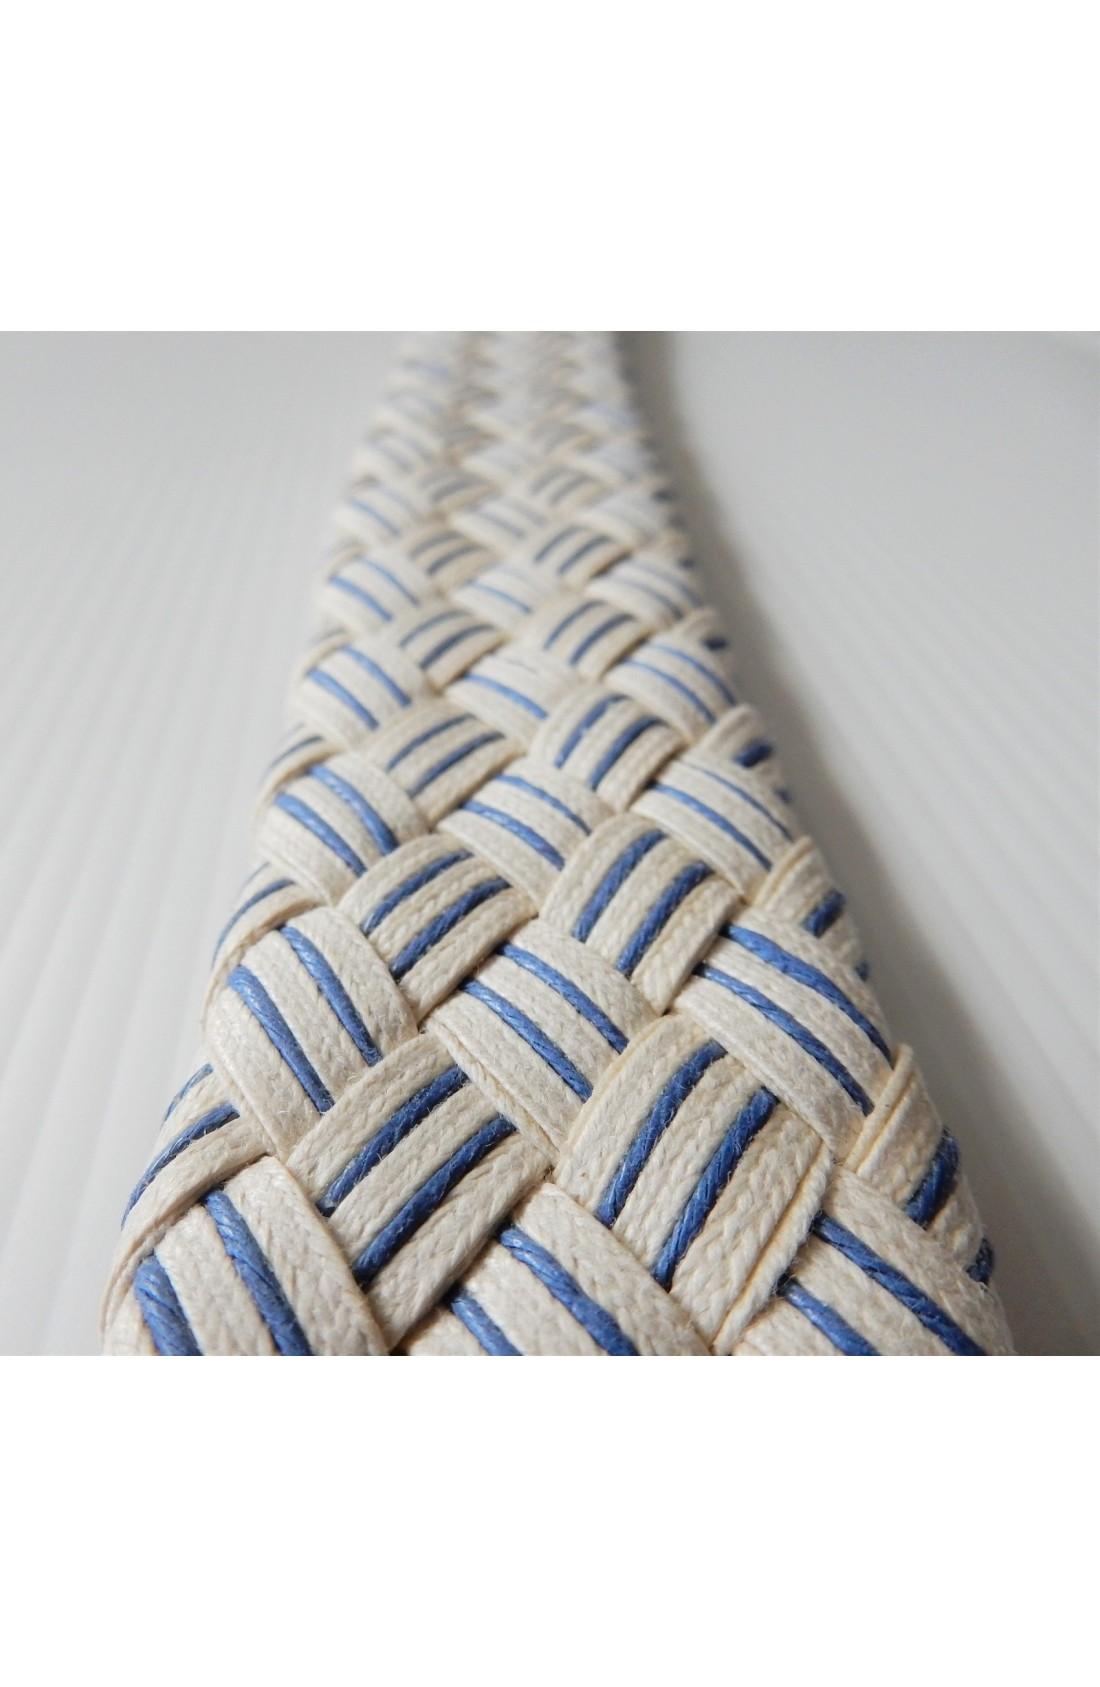 art. 99 INTRECCIO DUE RIGHE mm.40 col. bianco - blu (2)